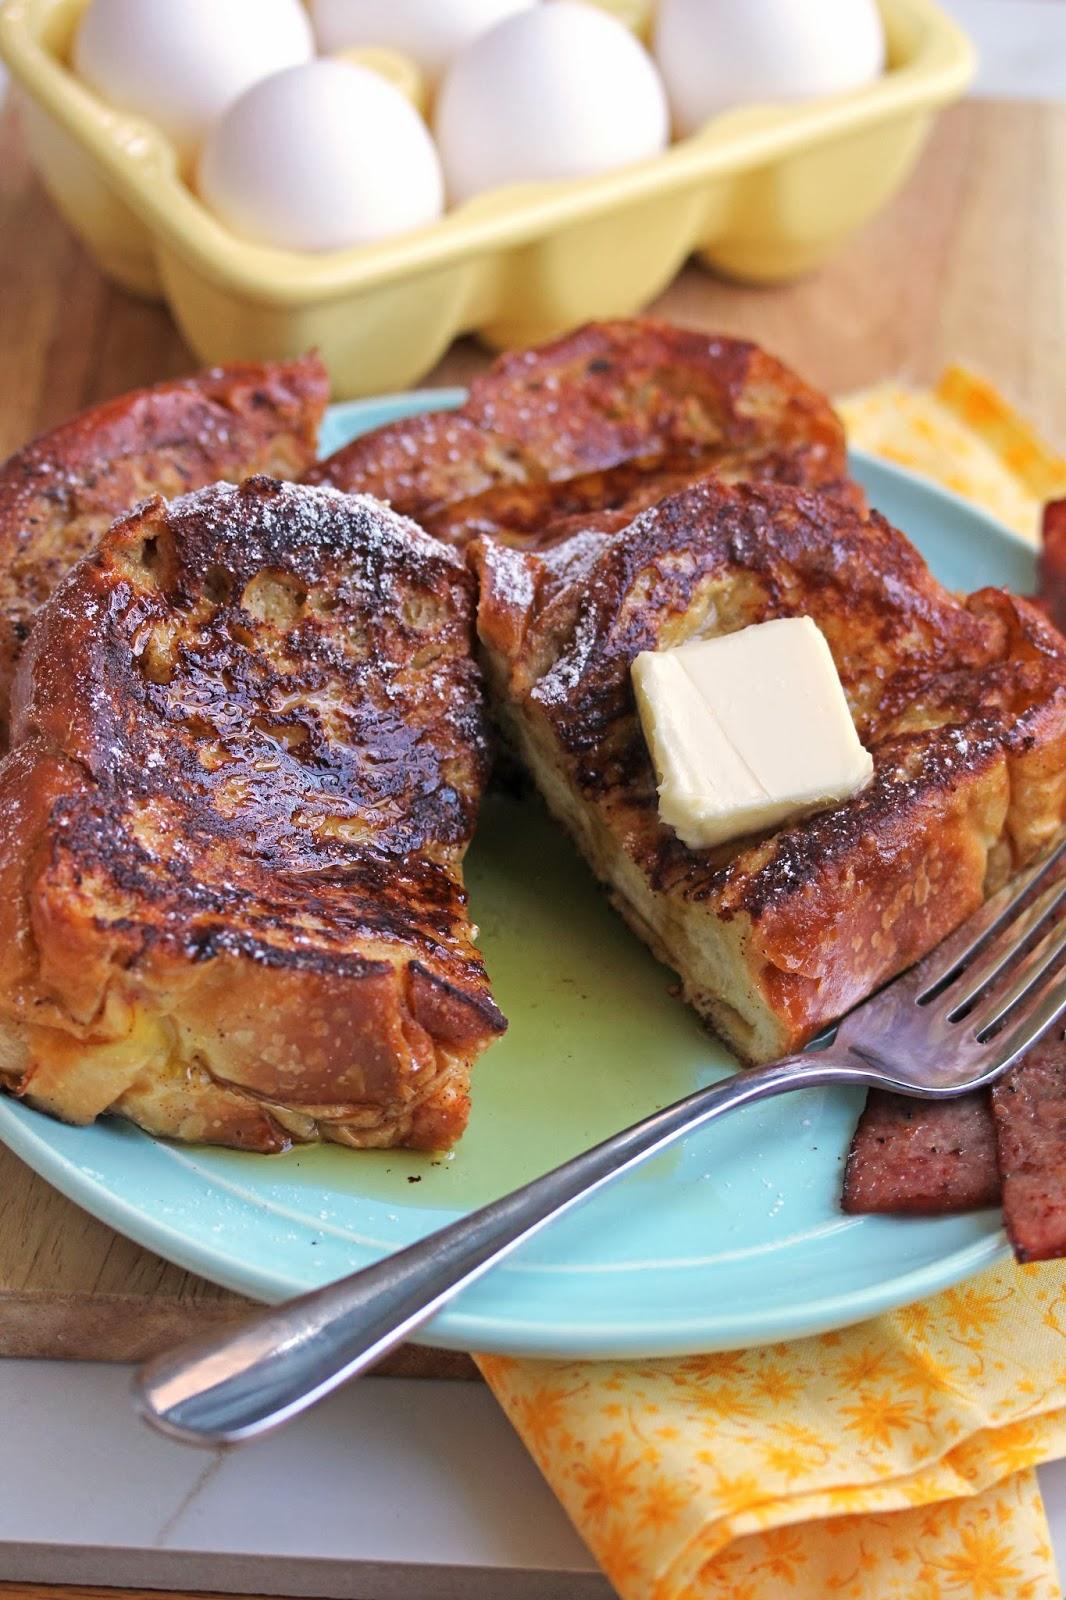 http://www.grandbaby-cakes.com/2013/12/eggy-eggnog-french-toast/